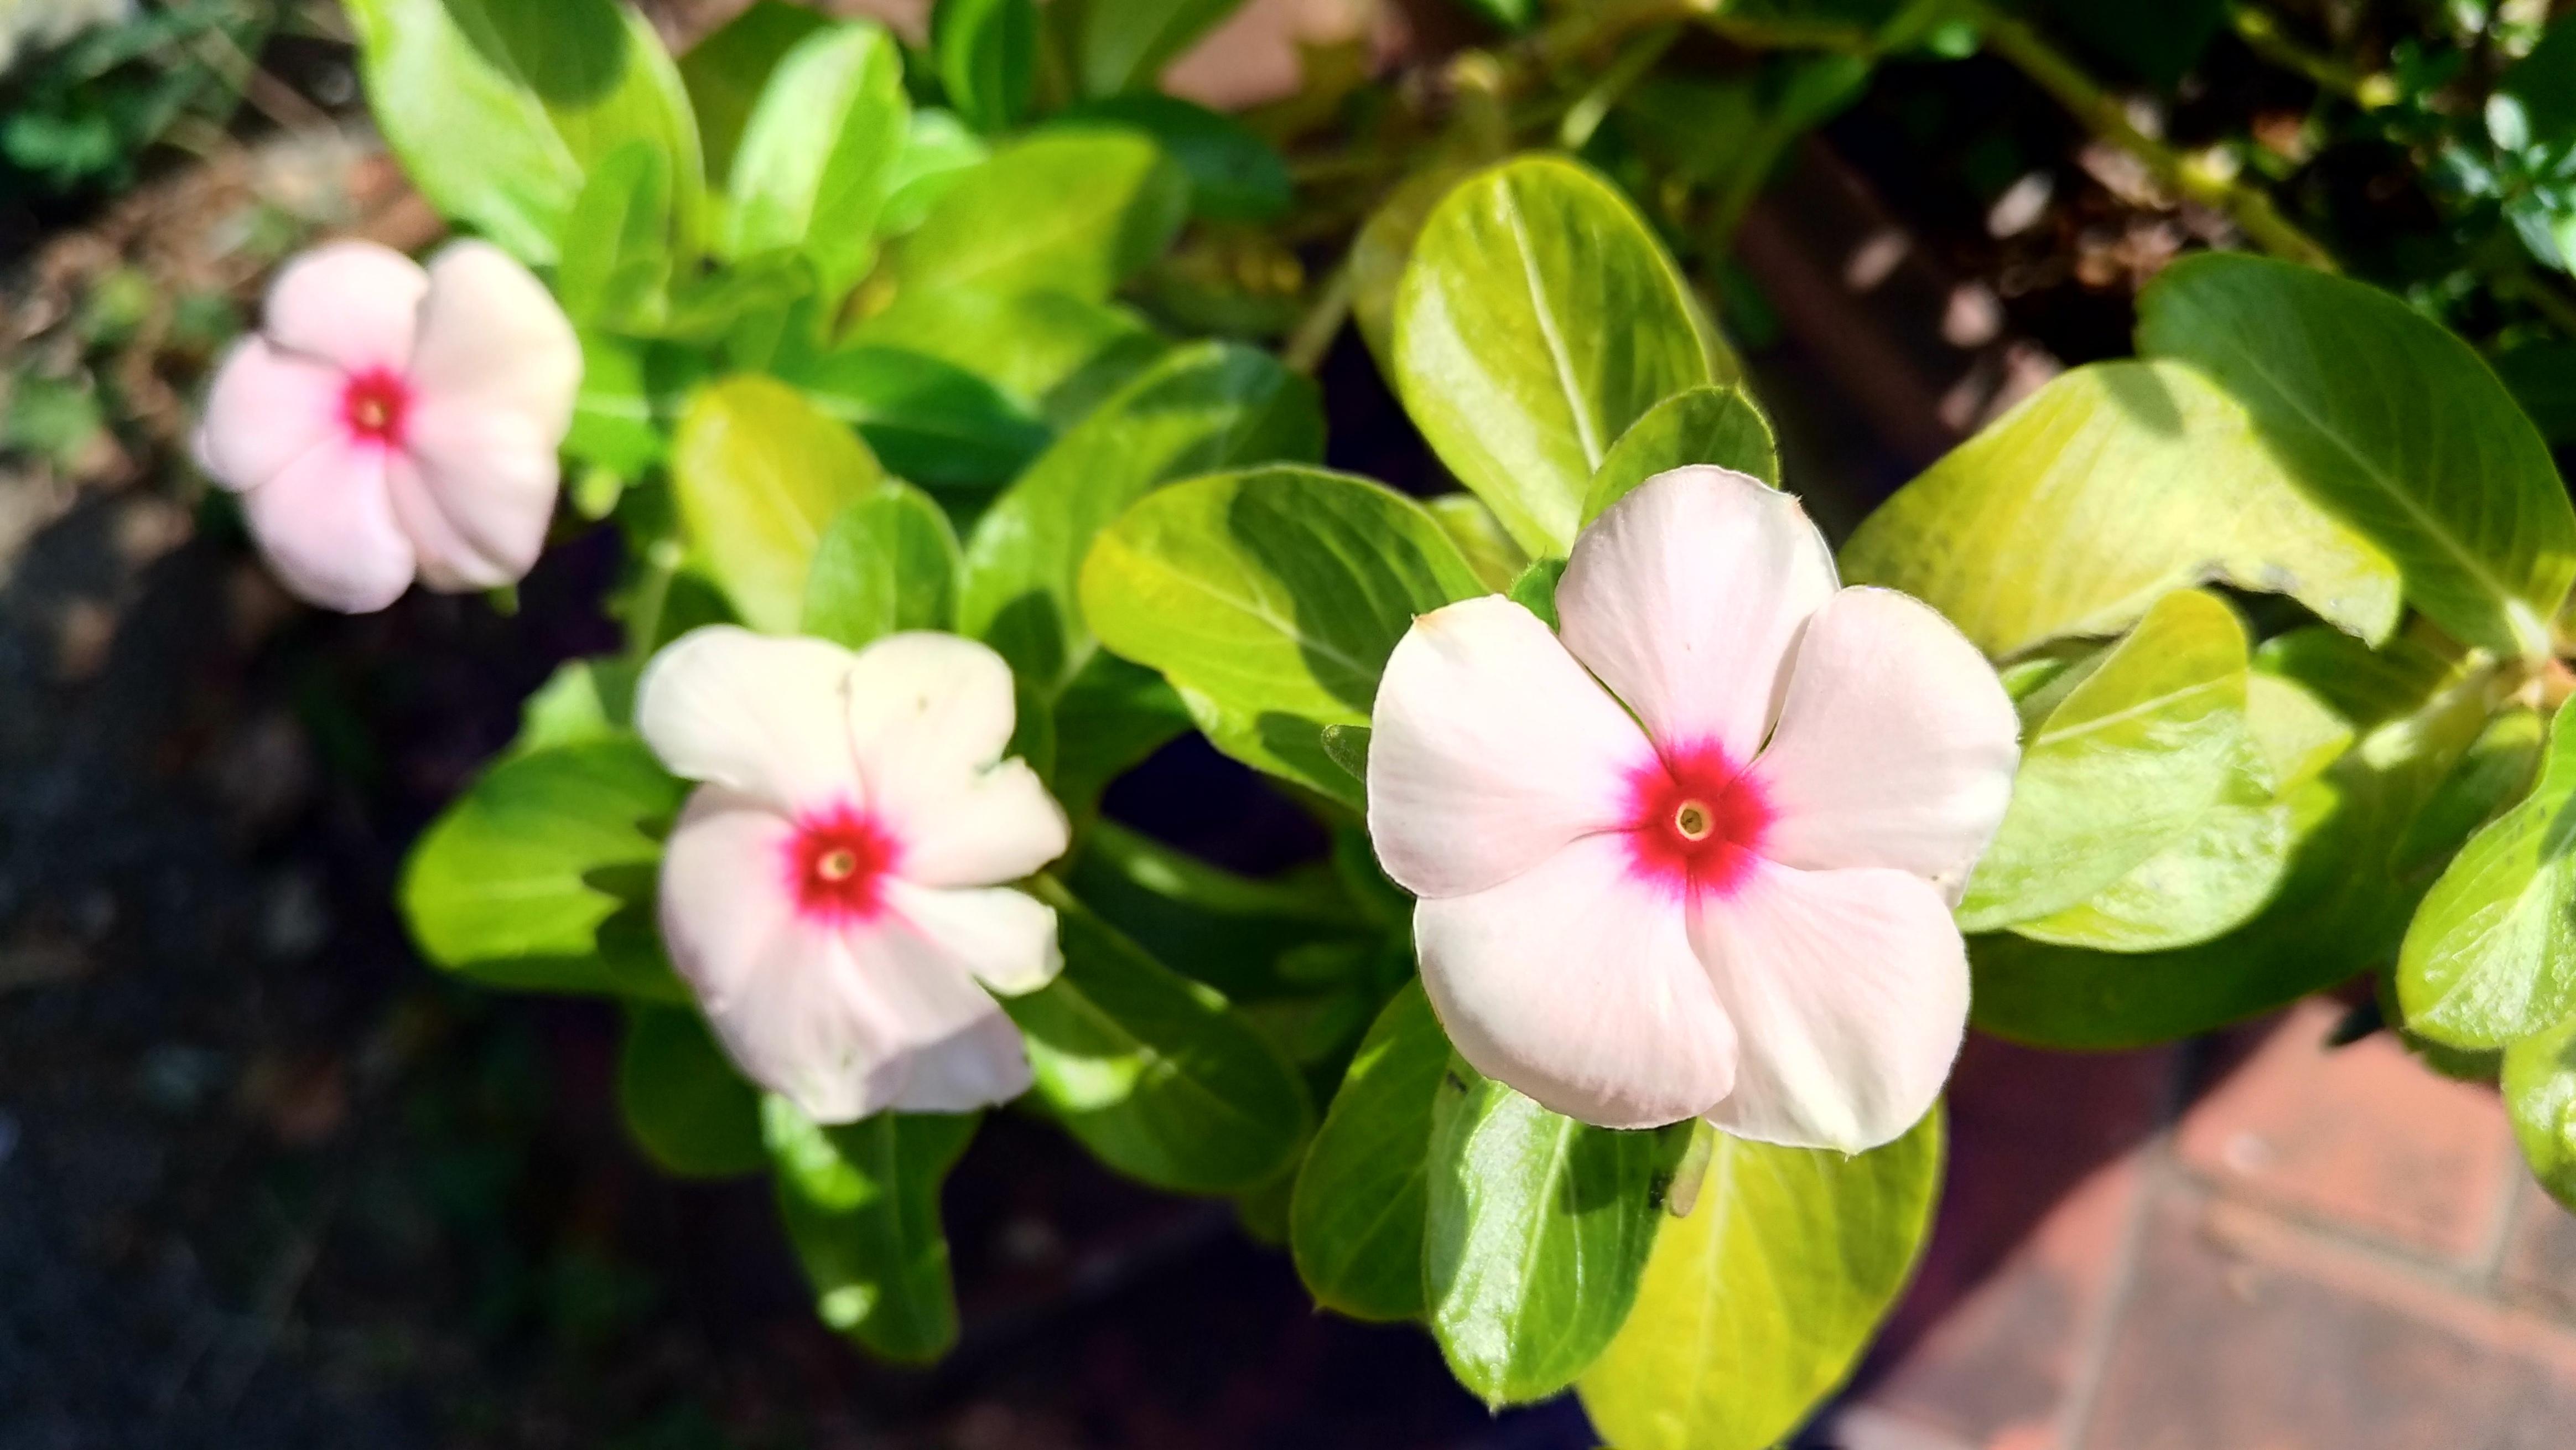 「友情」の花言葉をもつ花11選!友人への贈り物におすすめ植物は?